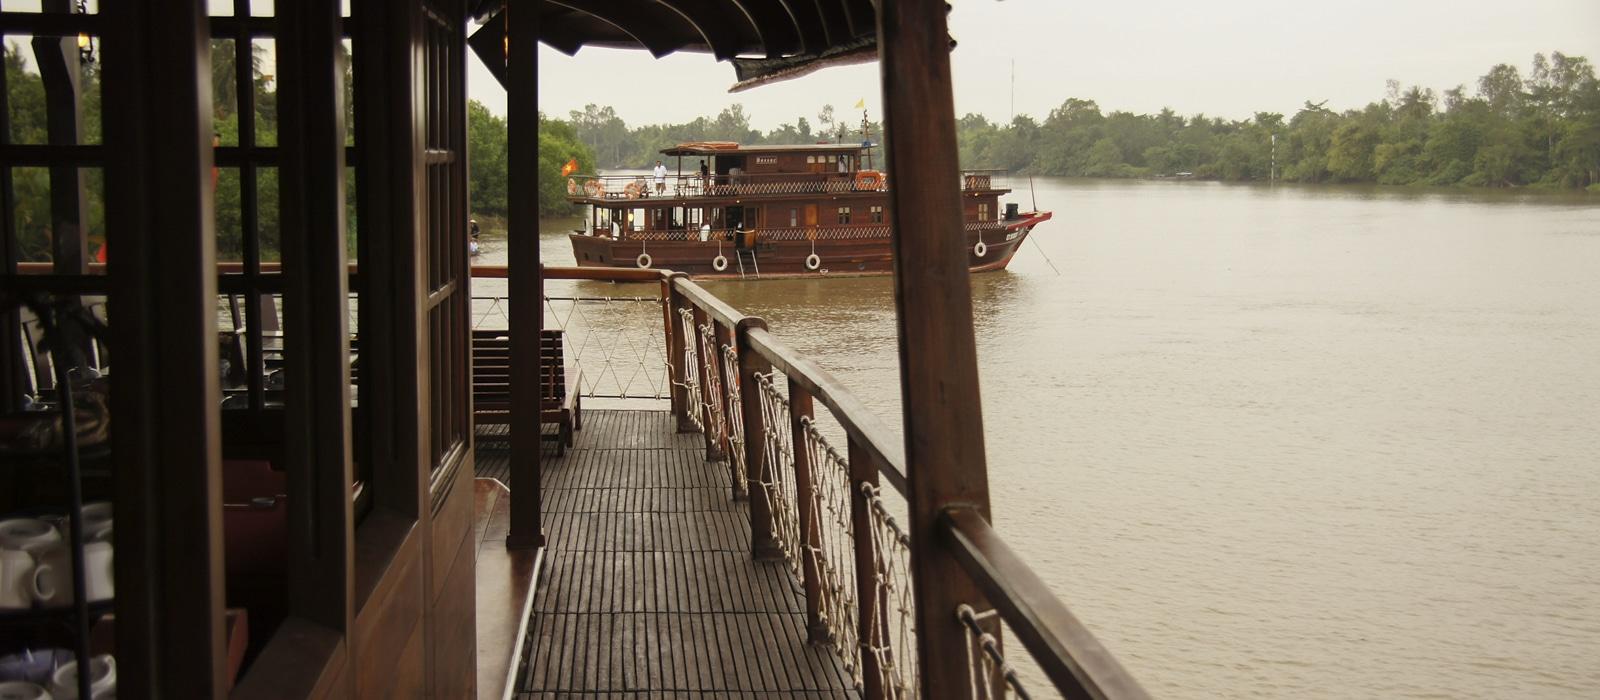 img-diapo-entete - Vietnam-1600x700-13.jpg